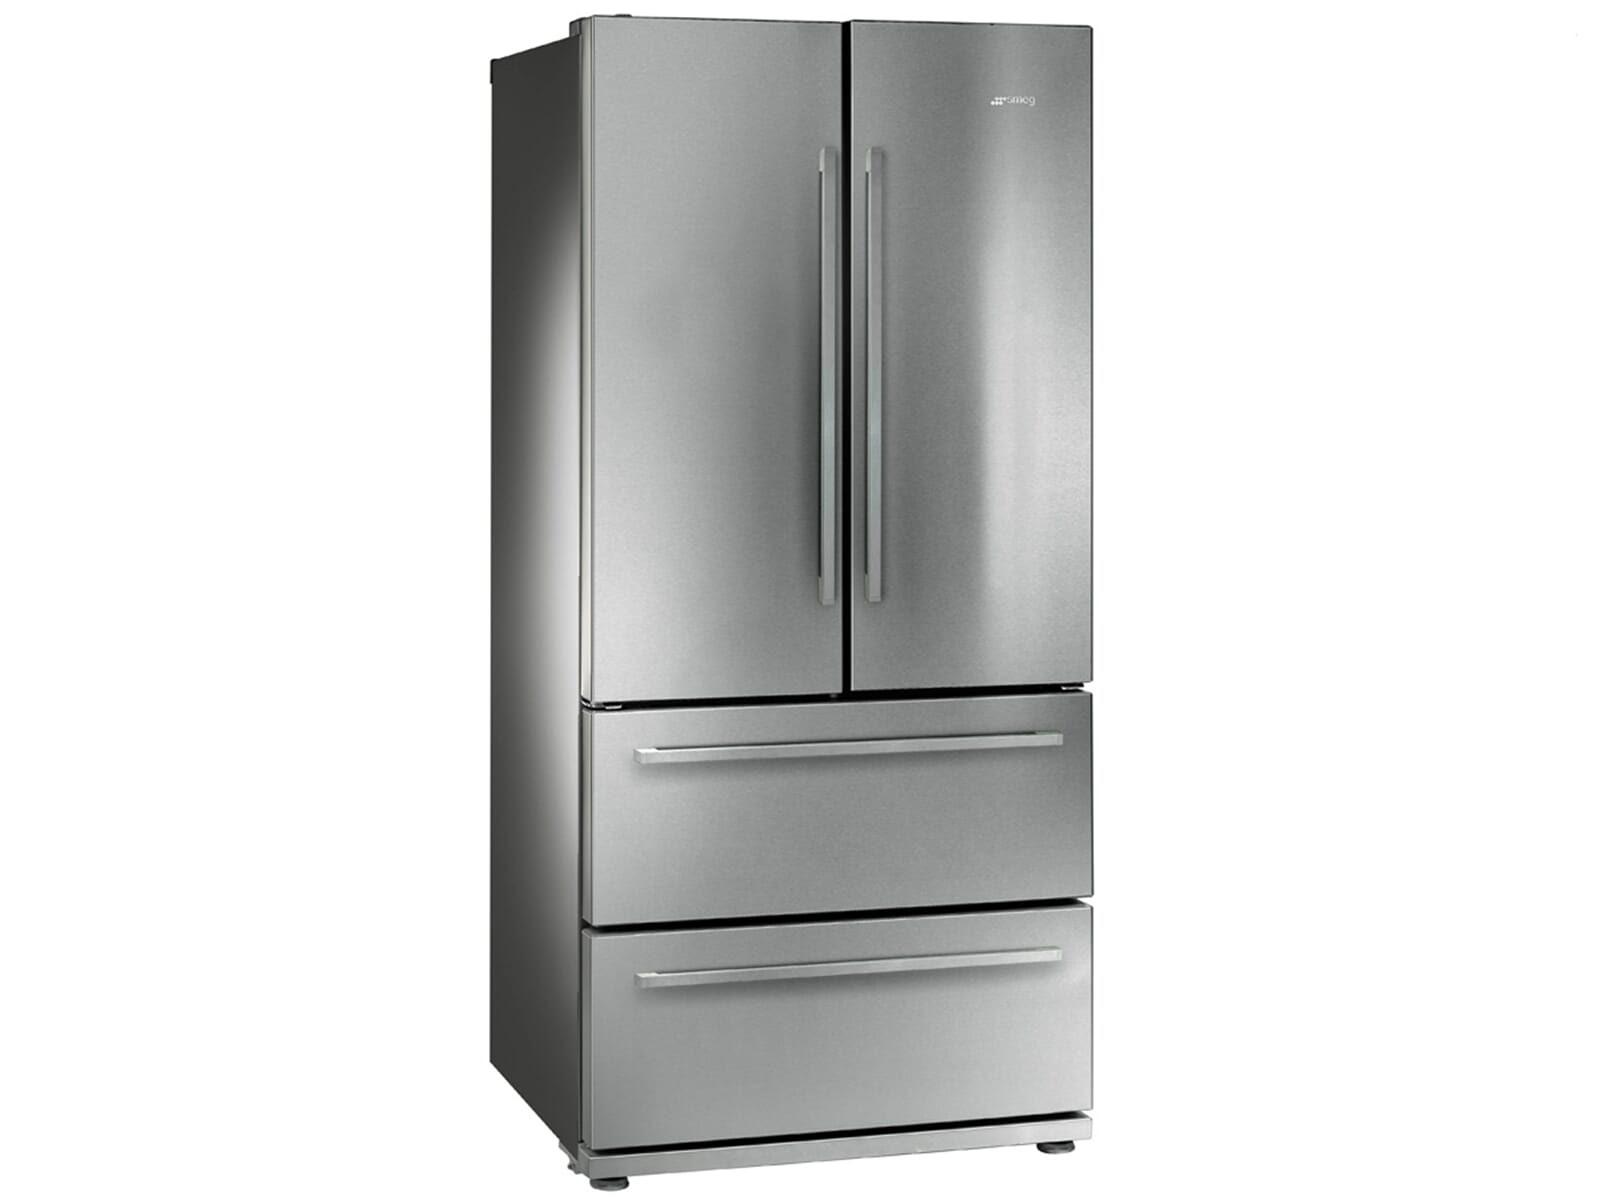 Side By Side Kühlschrank Test Stiftung Warentest 2016 : Daewoo kühlschrank ohne festwasseranschluss hickman beverly